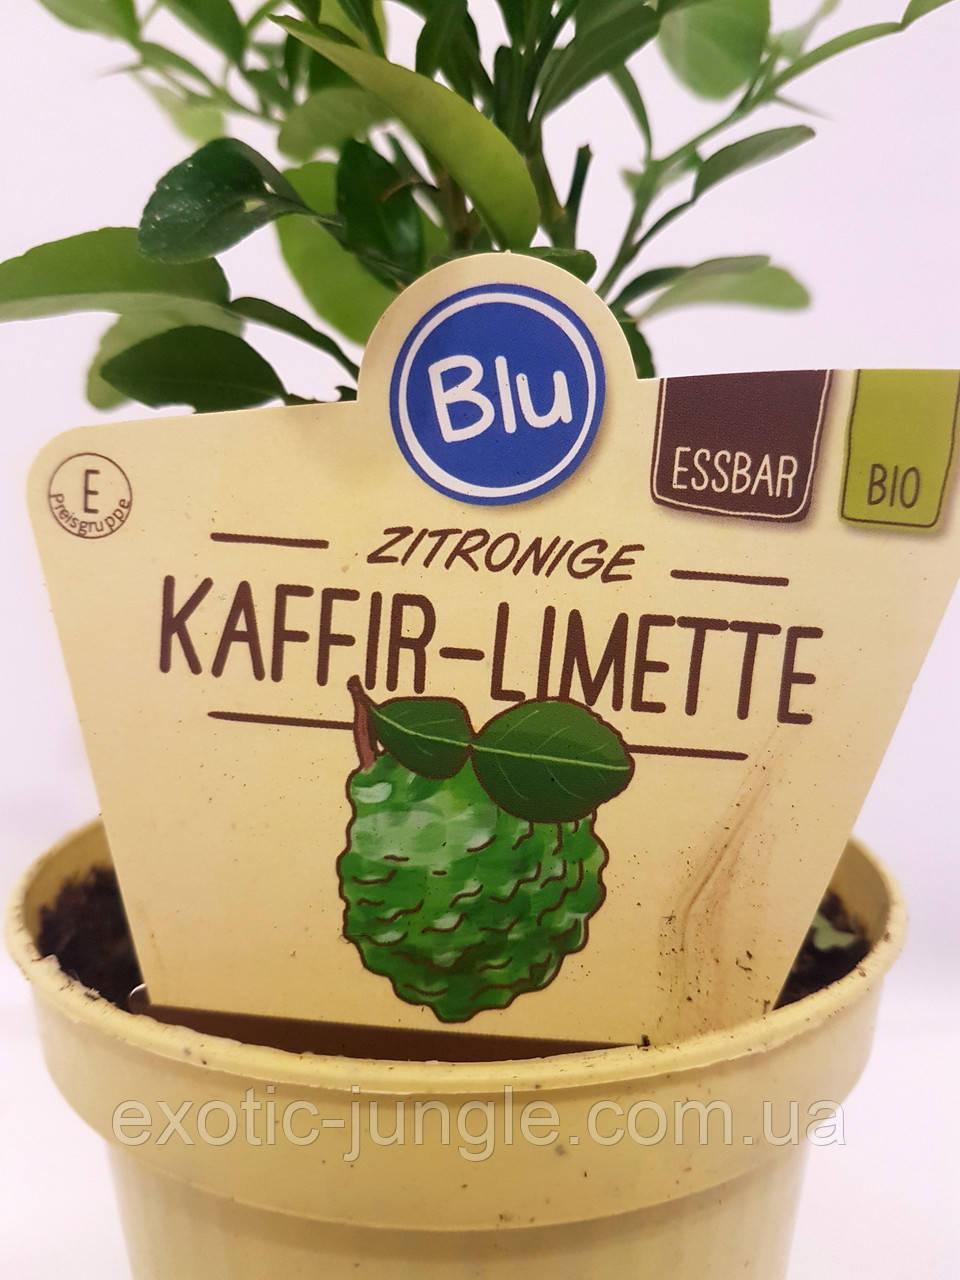 Лайм Кафрский, Хистрикс (Kaffir Lime, Citrus hystrix) 10-20 см. Комнатный. Куст (пр.Италия)